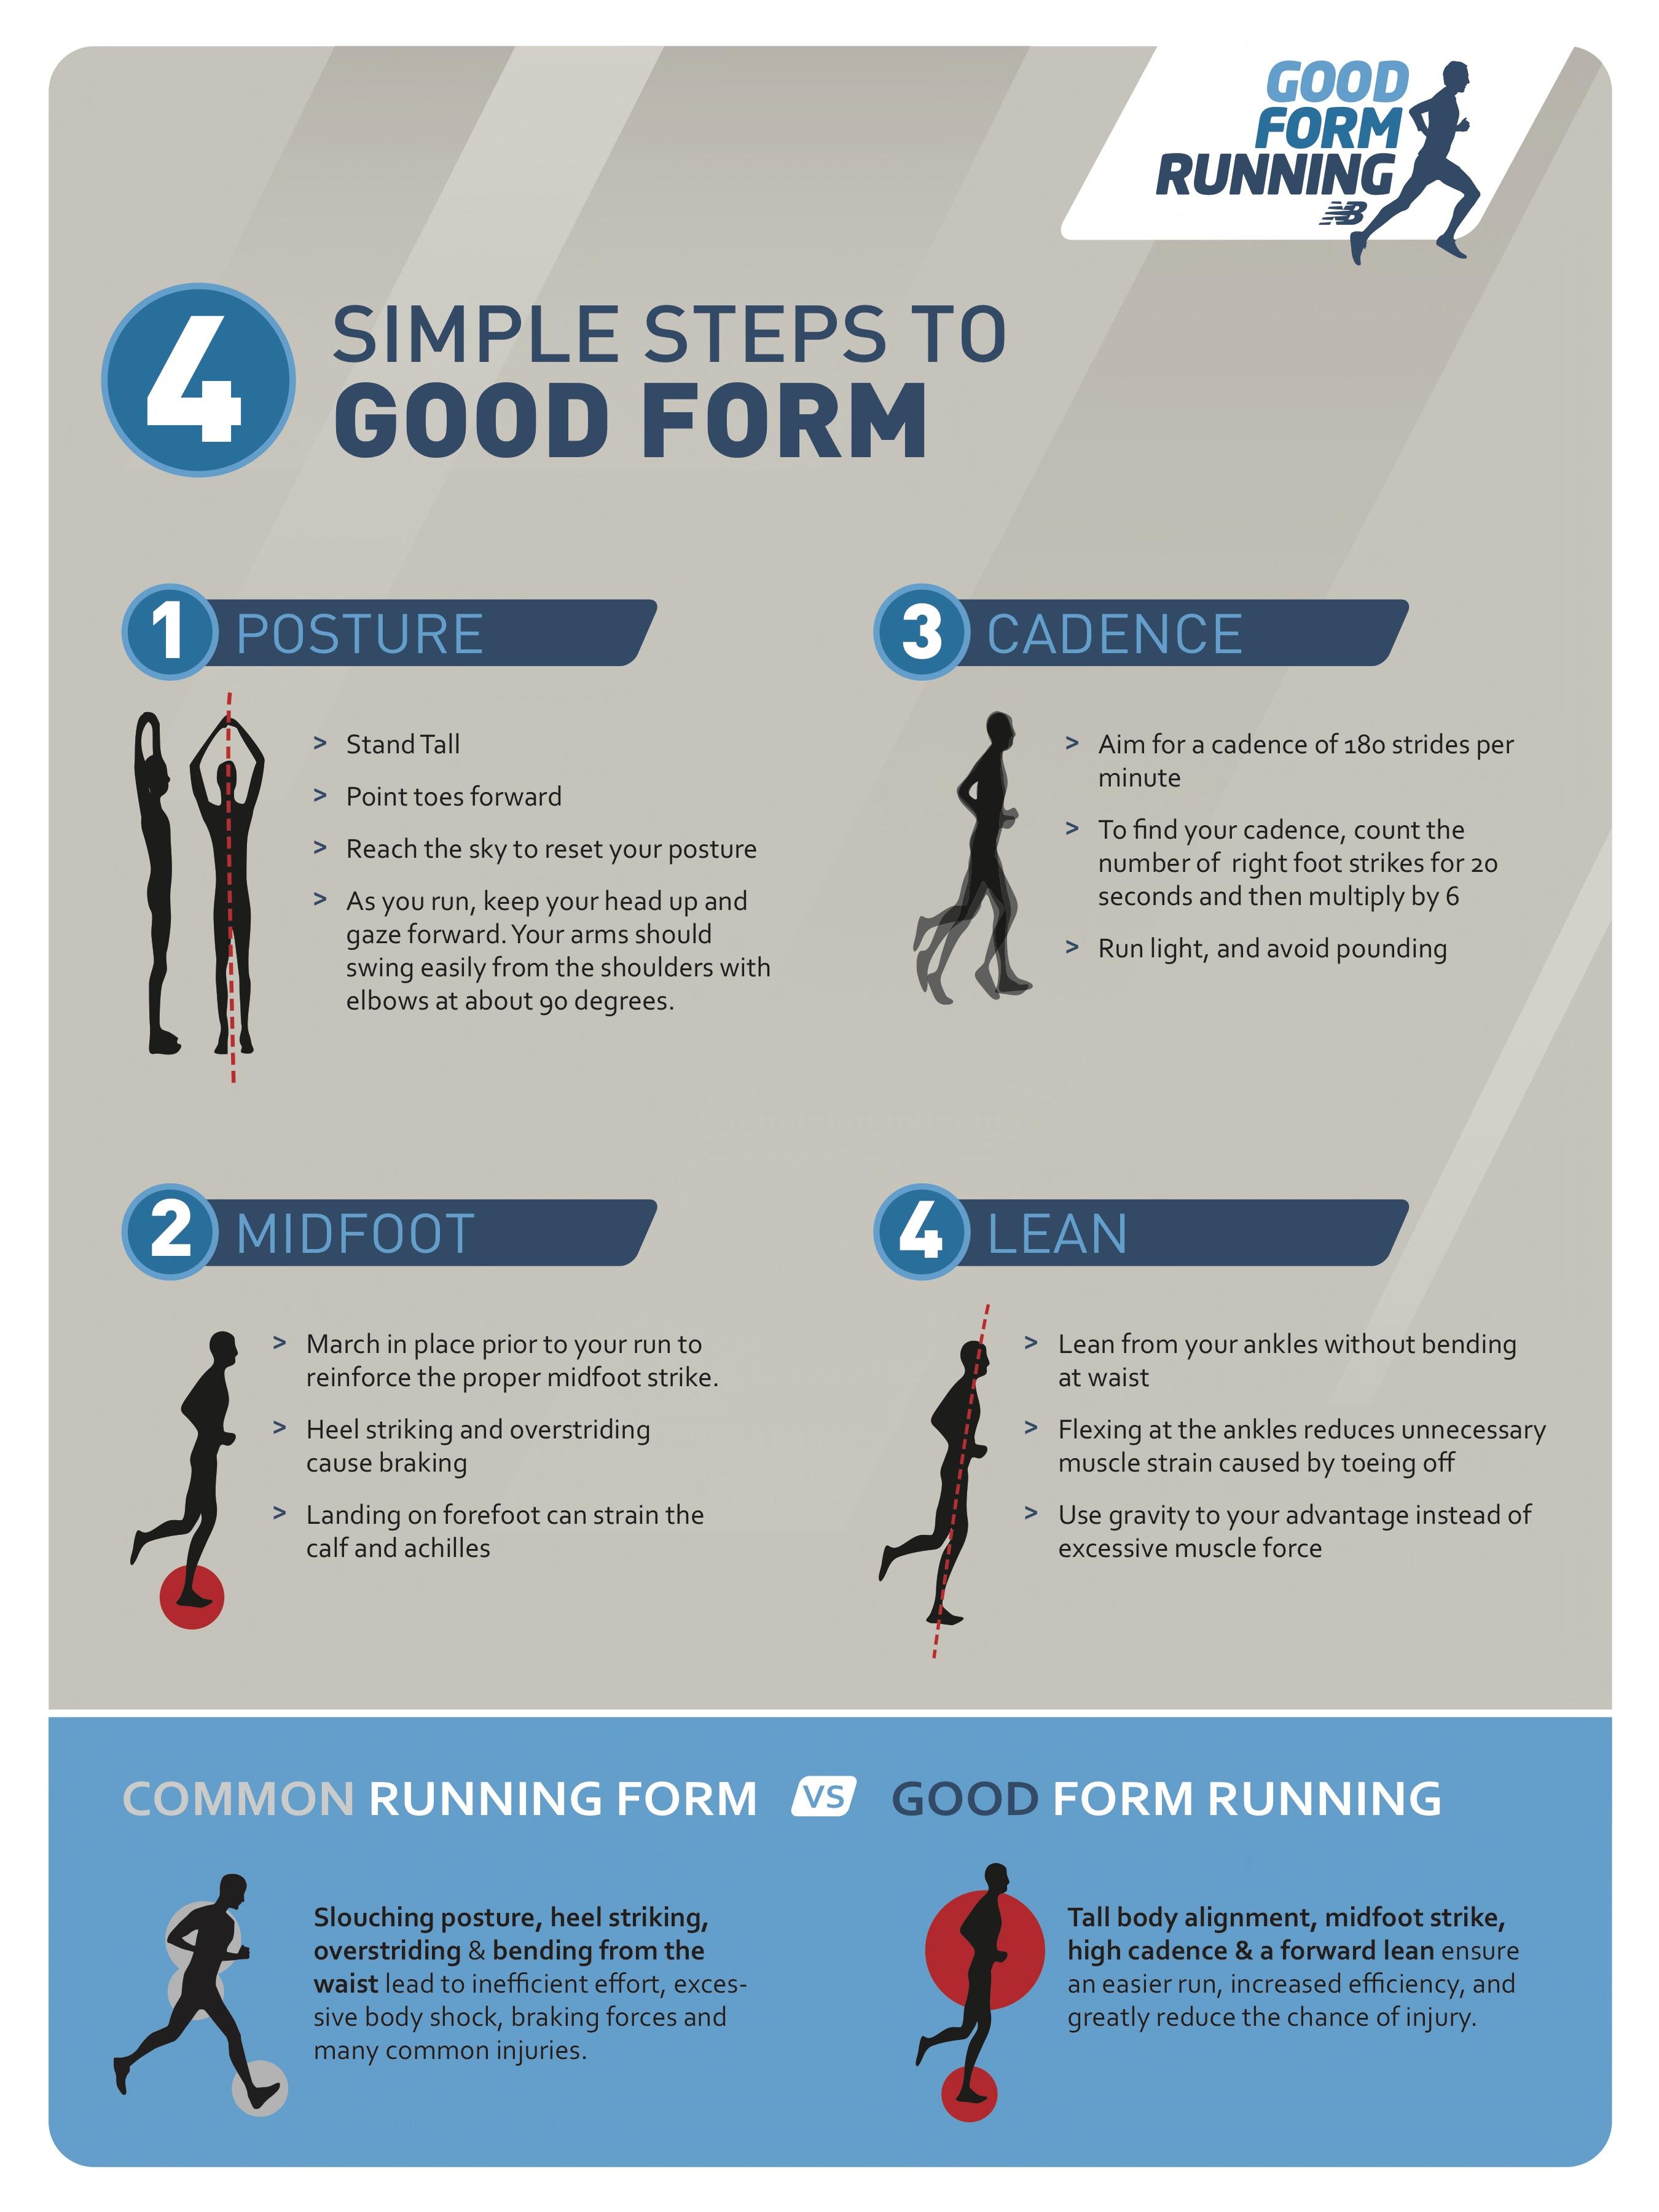 Good Form Running